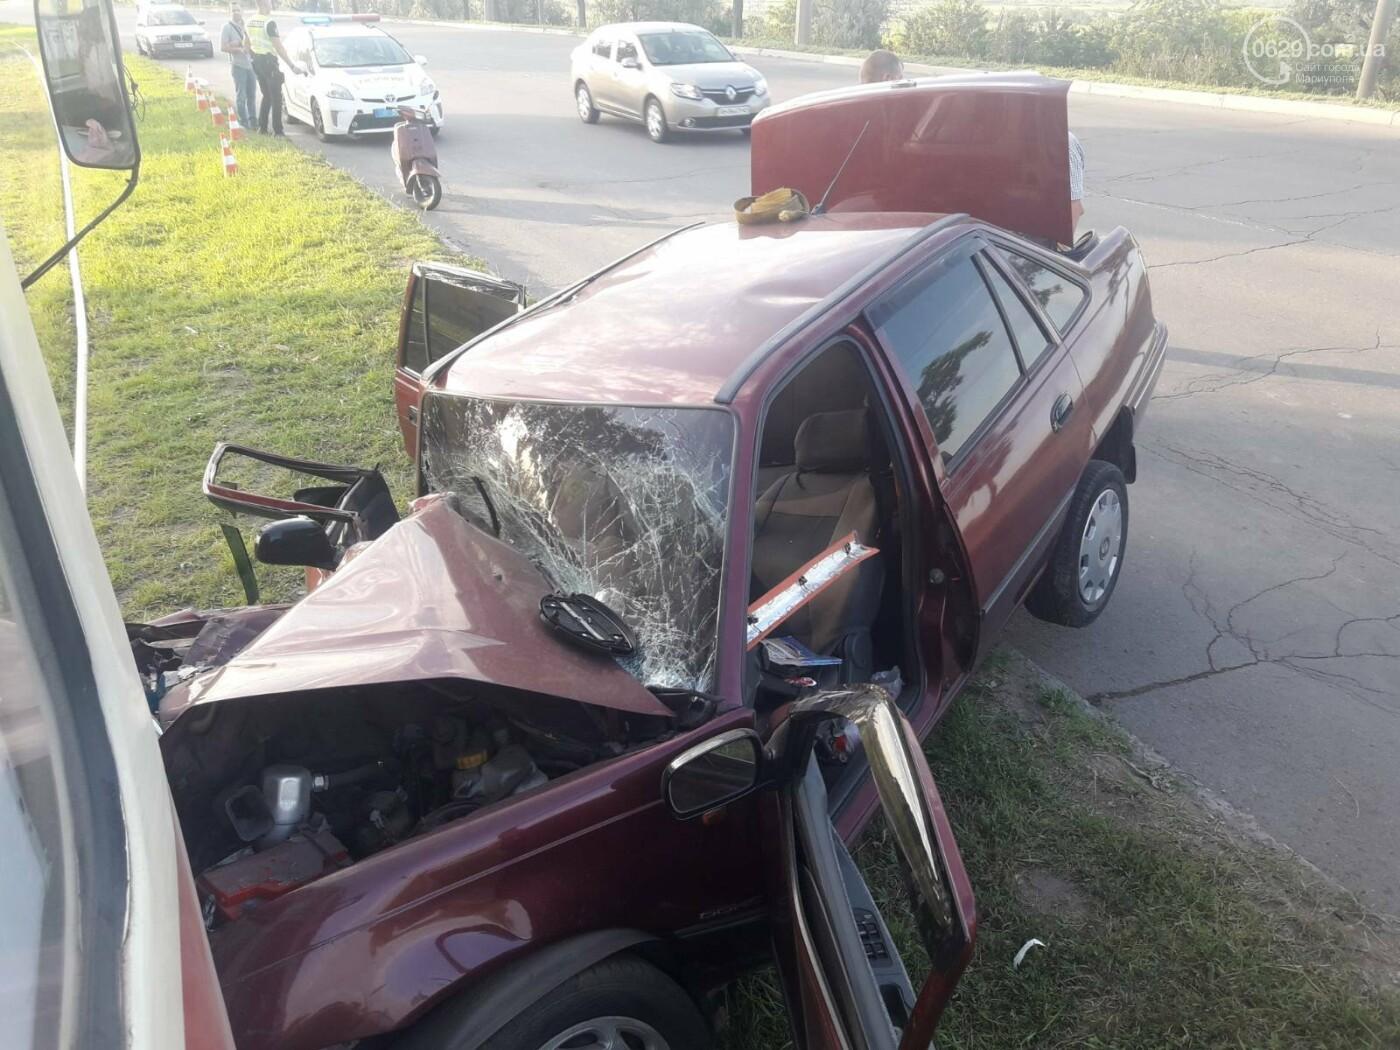 В Мариуполе Daewoo влетел в трамвай. Водитель легковушки серьезно пострадал, - ФОТО, фото-9